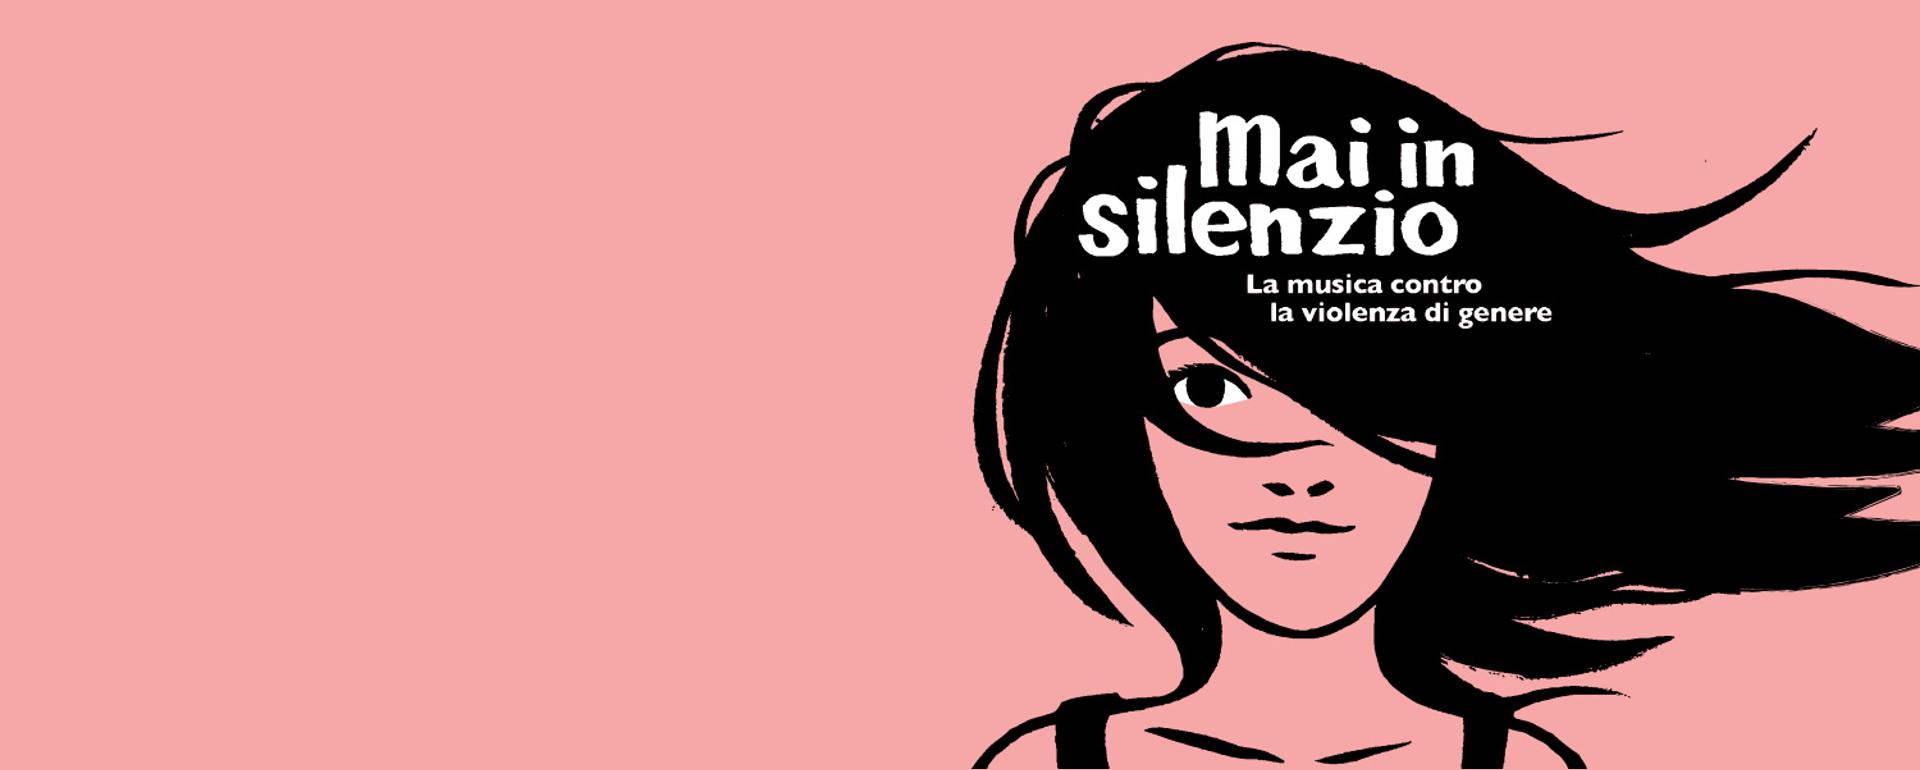 http://giovanisi.it/2018/07/12/mai-in-silenzio-la-musica-contro-la-violenza-di-genere-2/